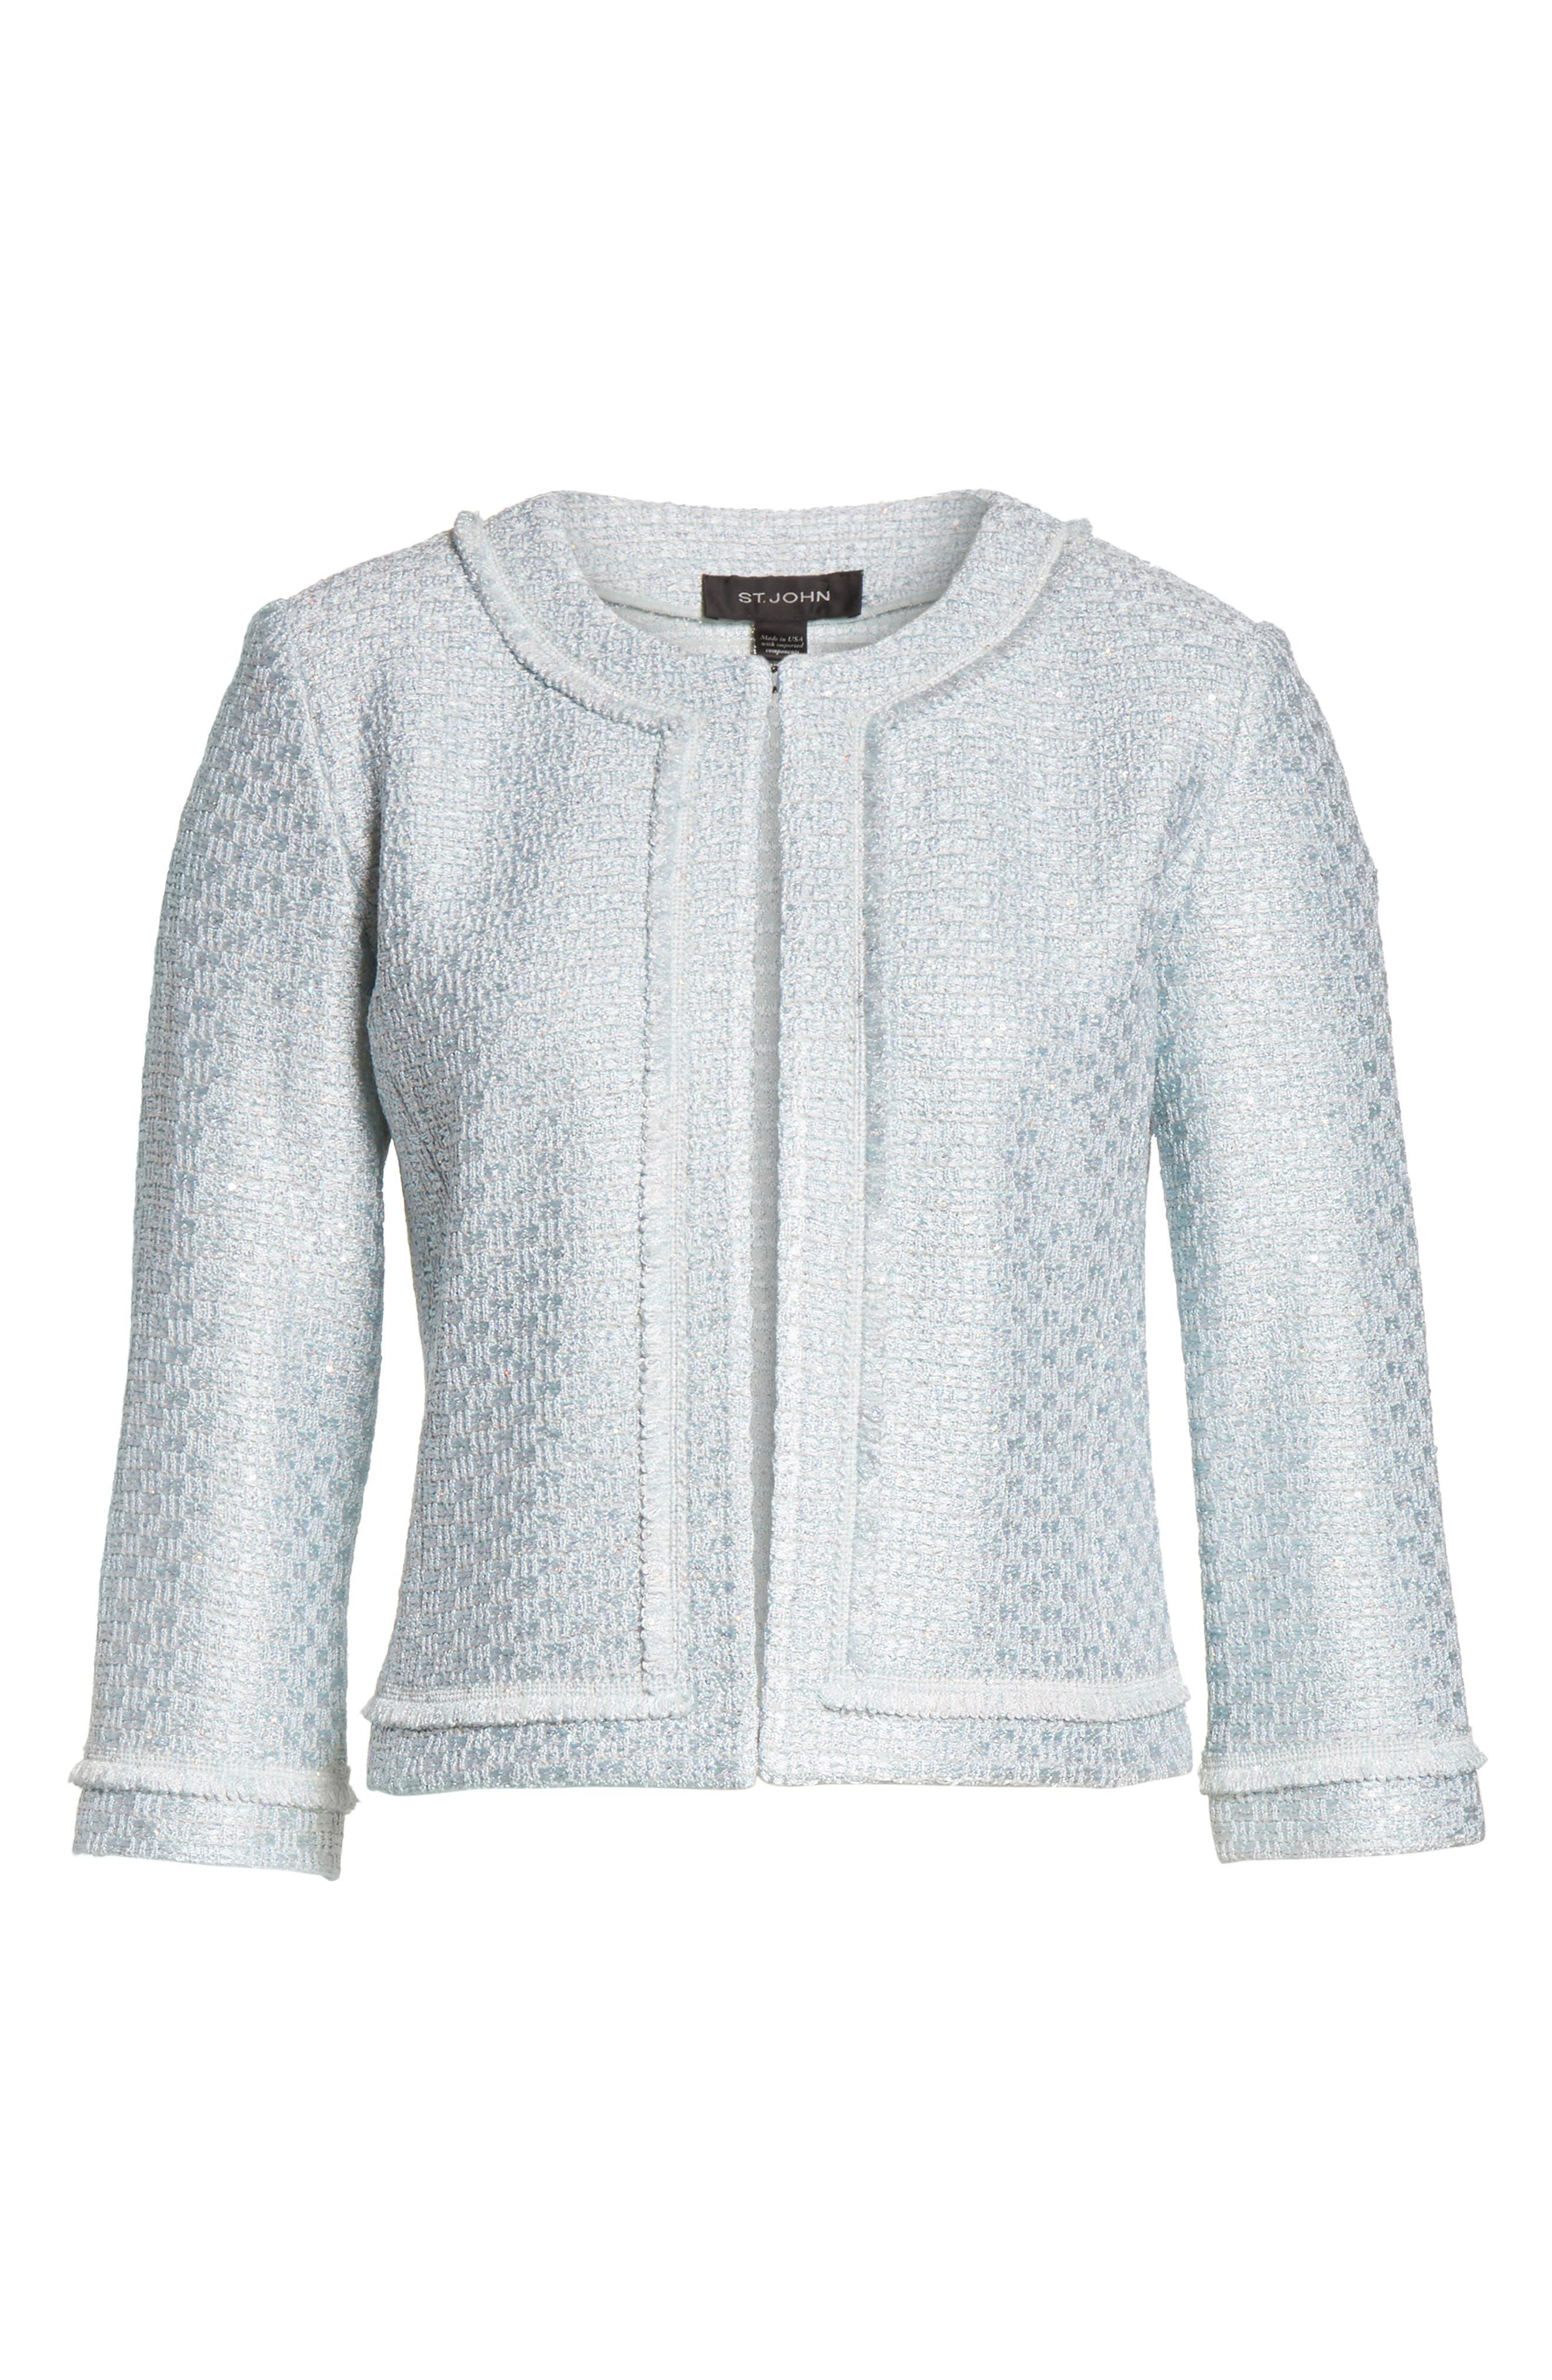 Hansh Sequin Knit Jacket,                             Alternate thumbnail 5, color,                             440